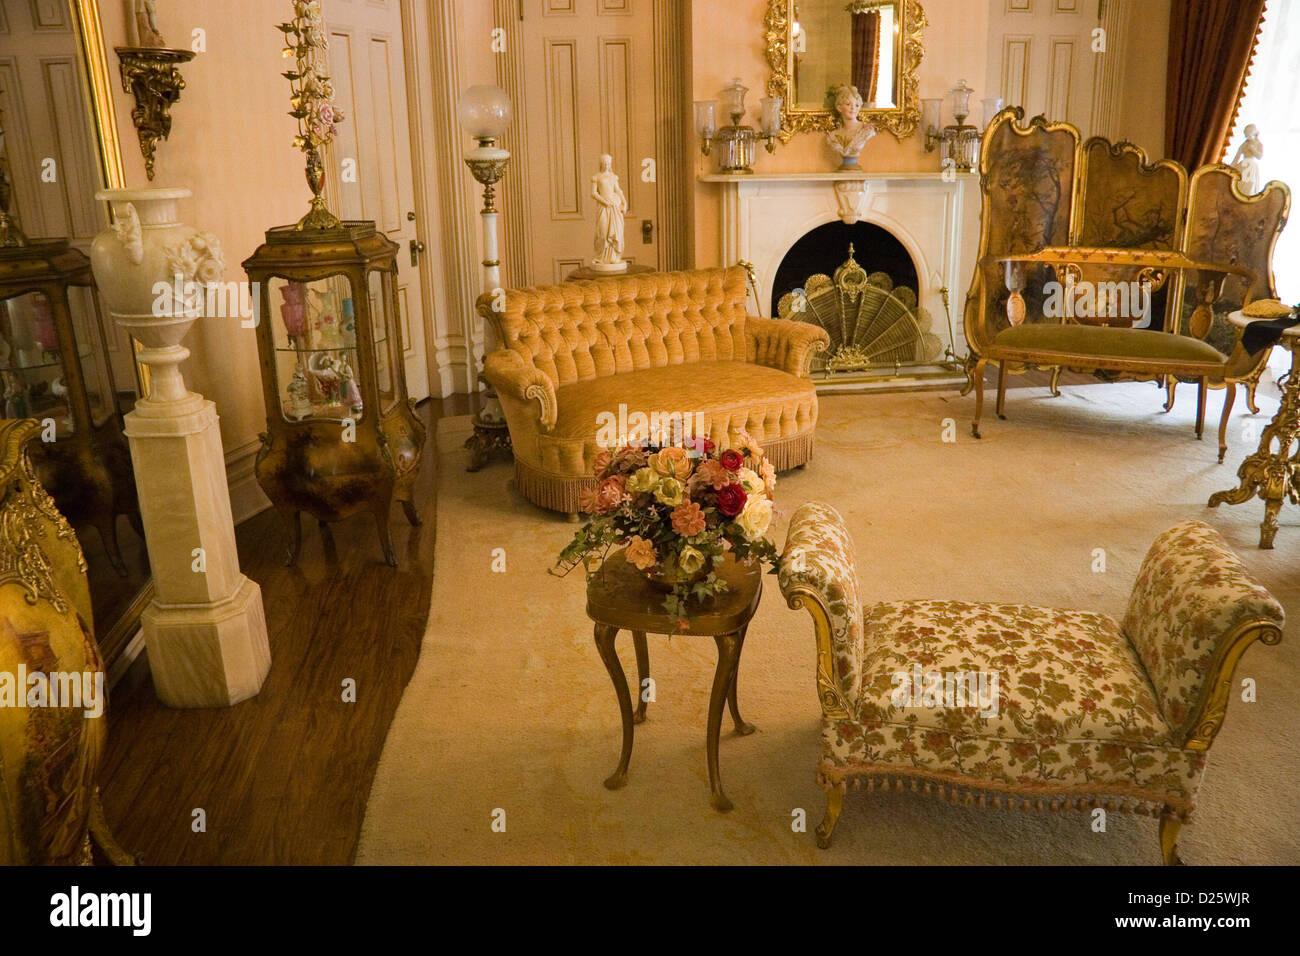 Victorian era interior - Stock Photo Victorian Era Home Interior